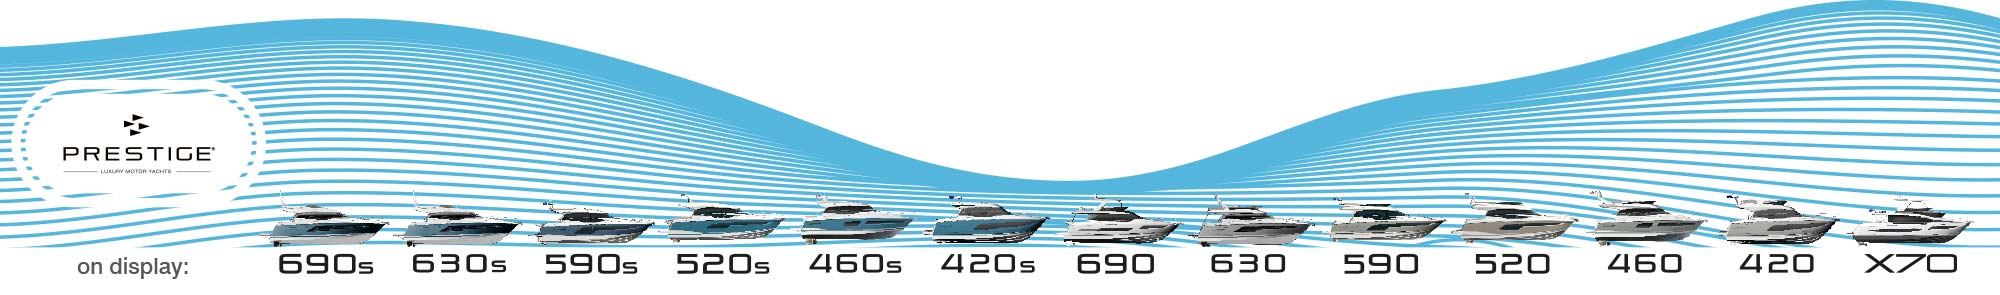 Prestige line up 2021